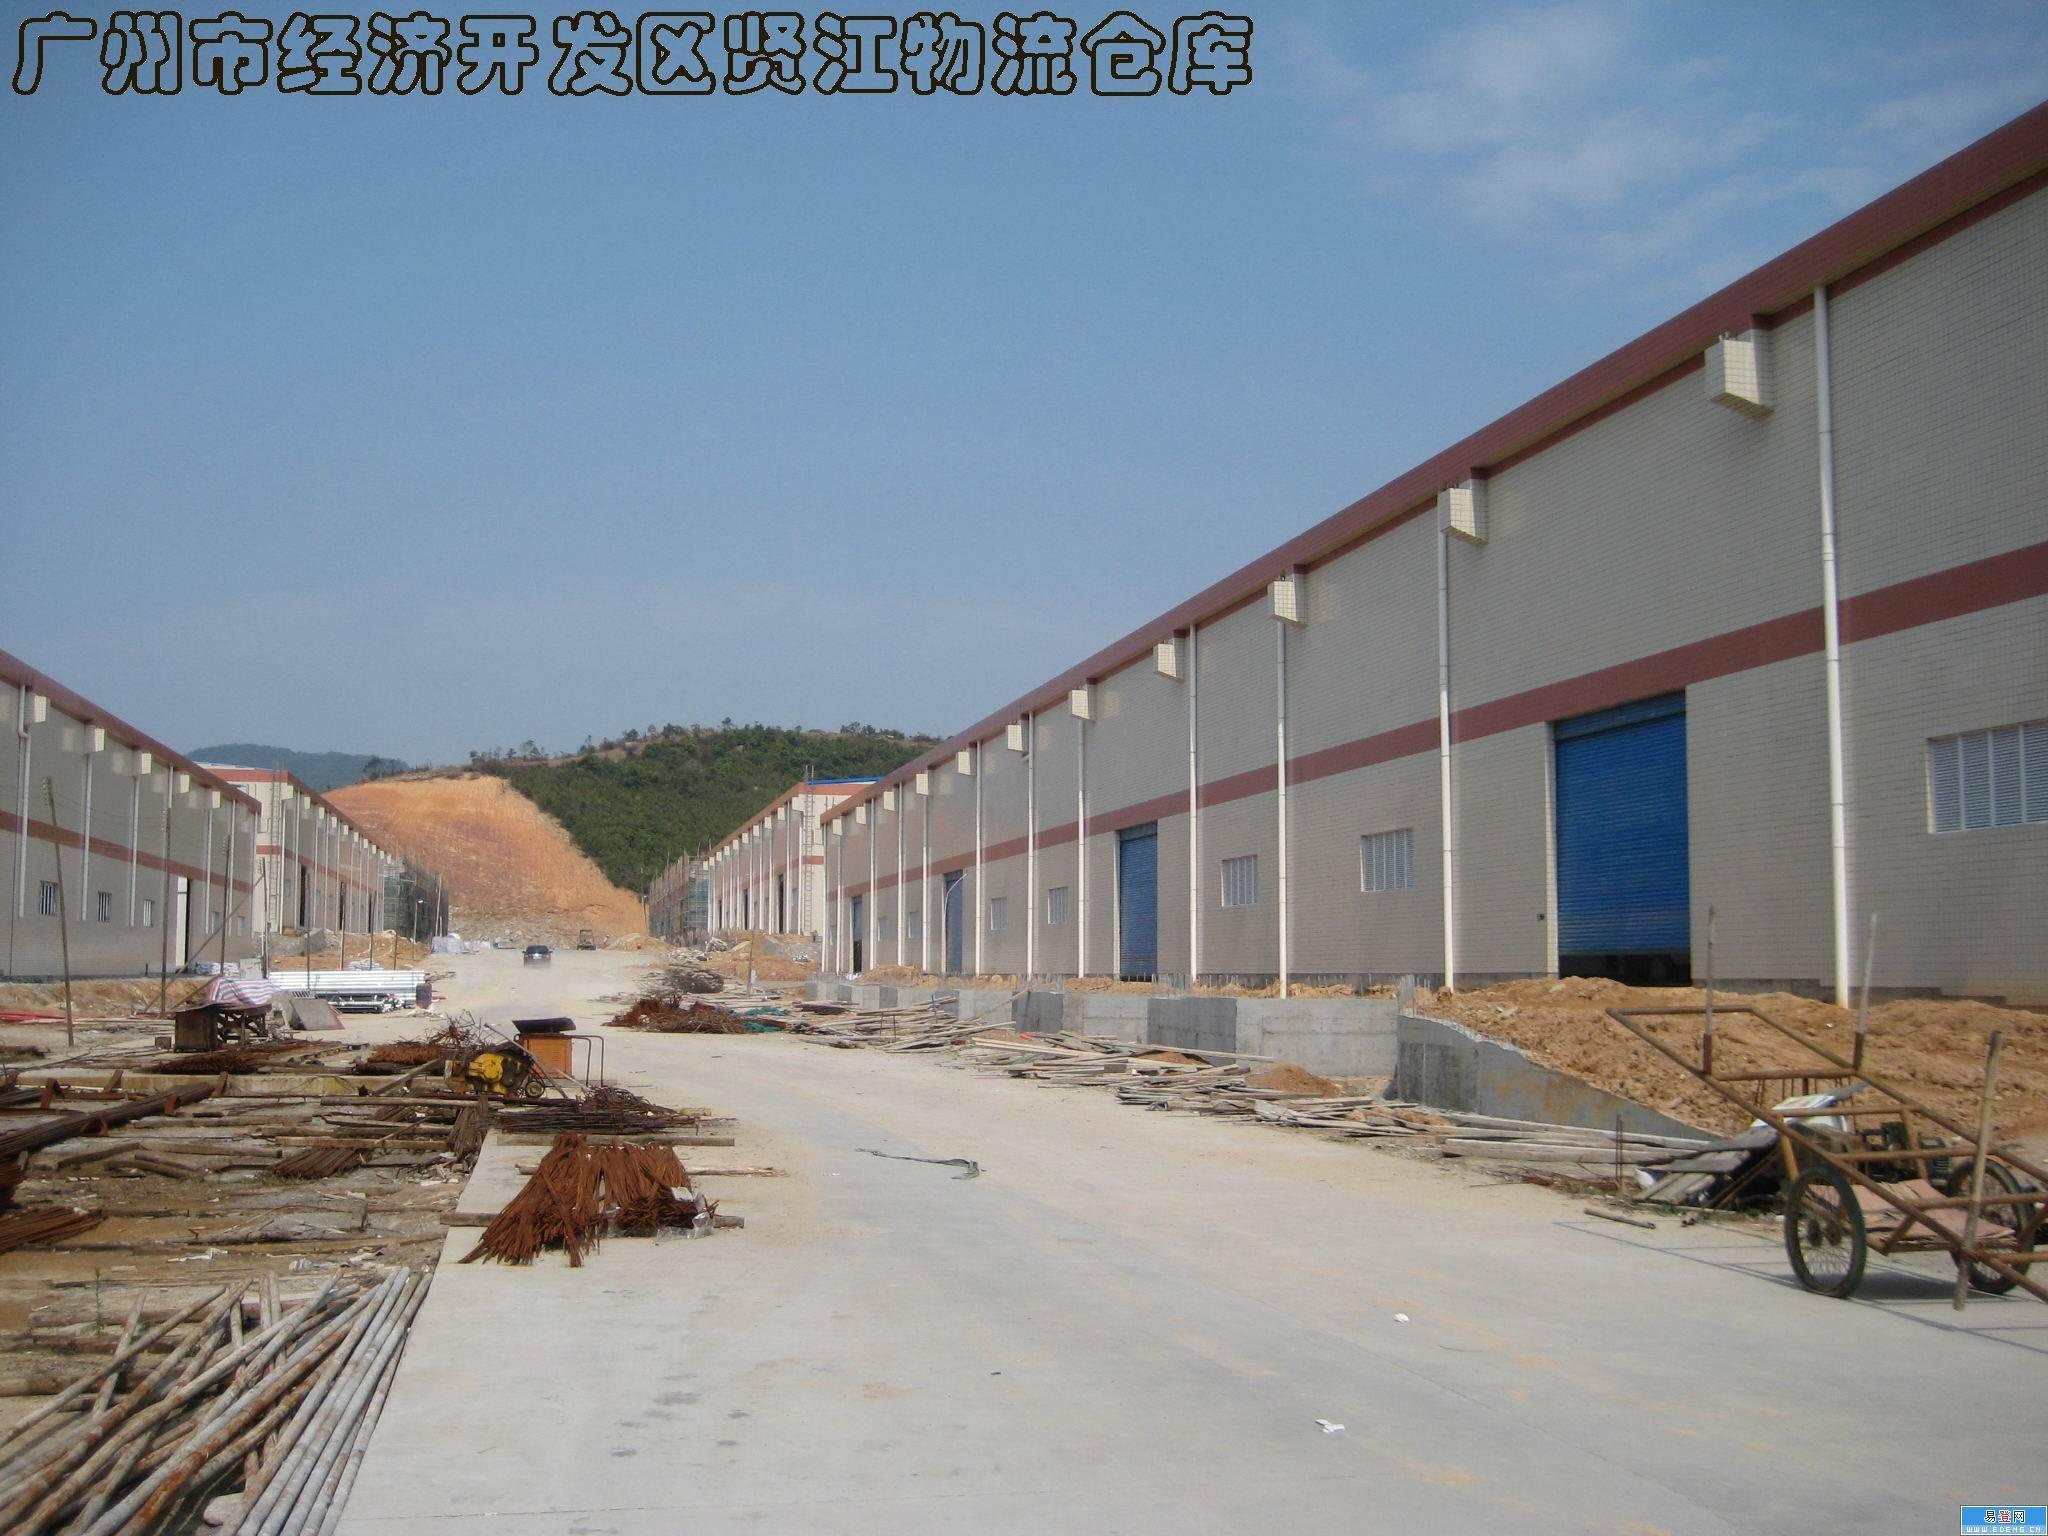 广州经济技术开发区_360百科